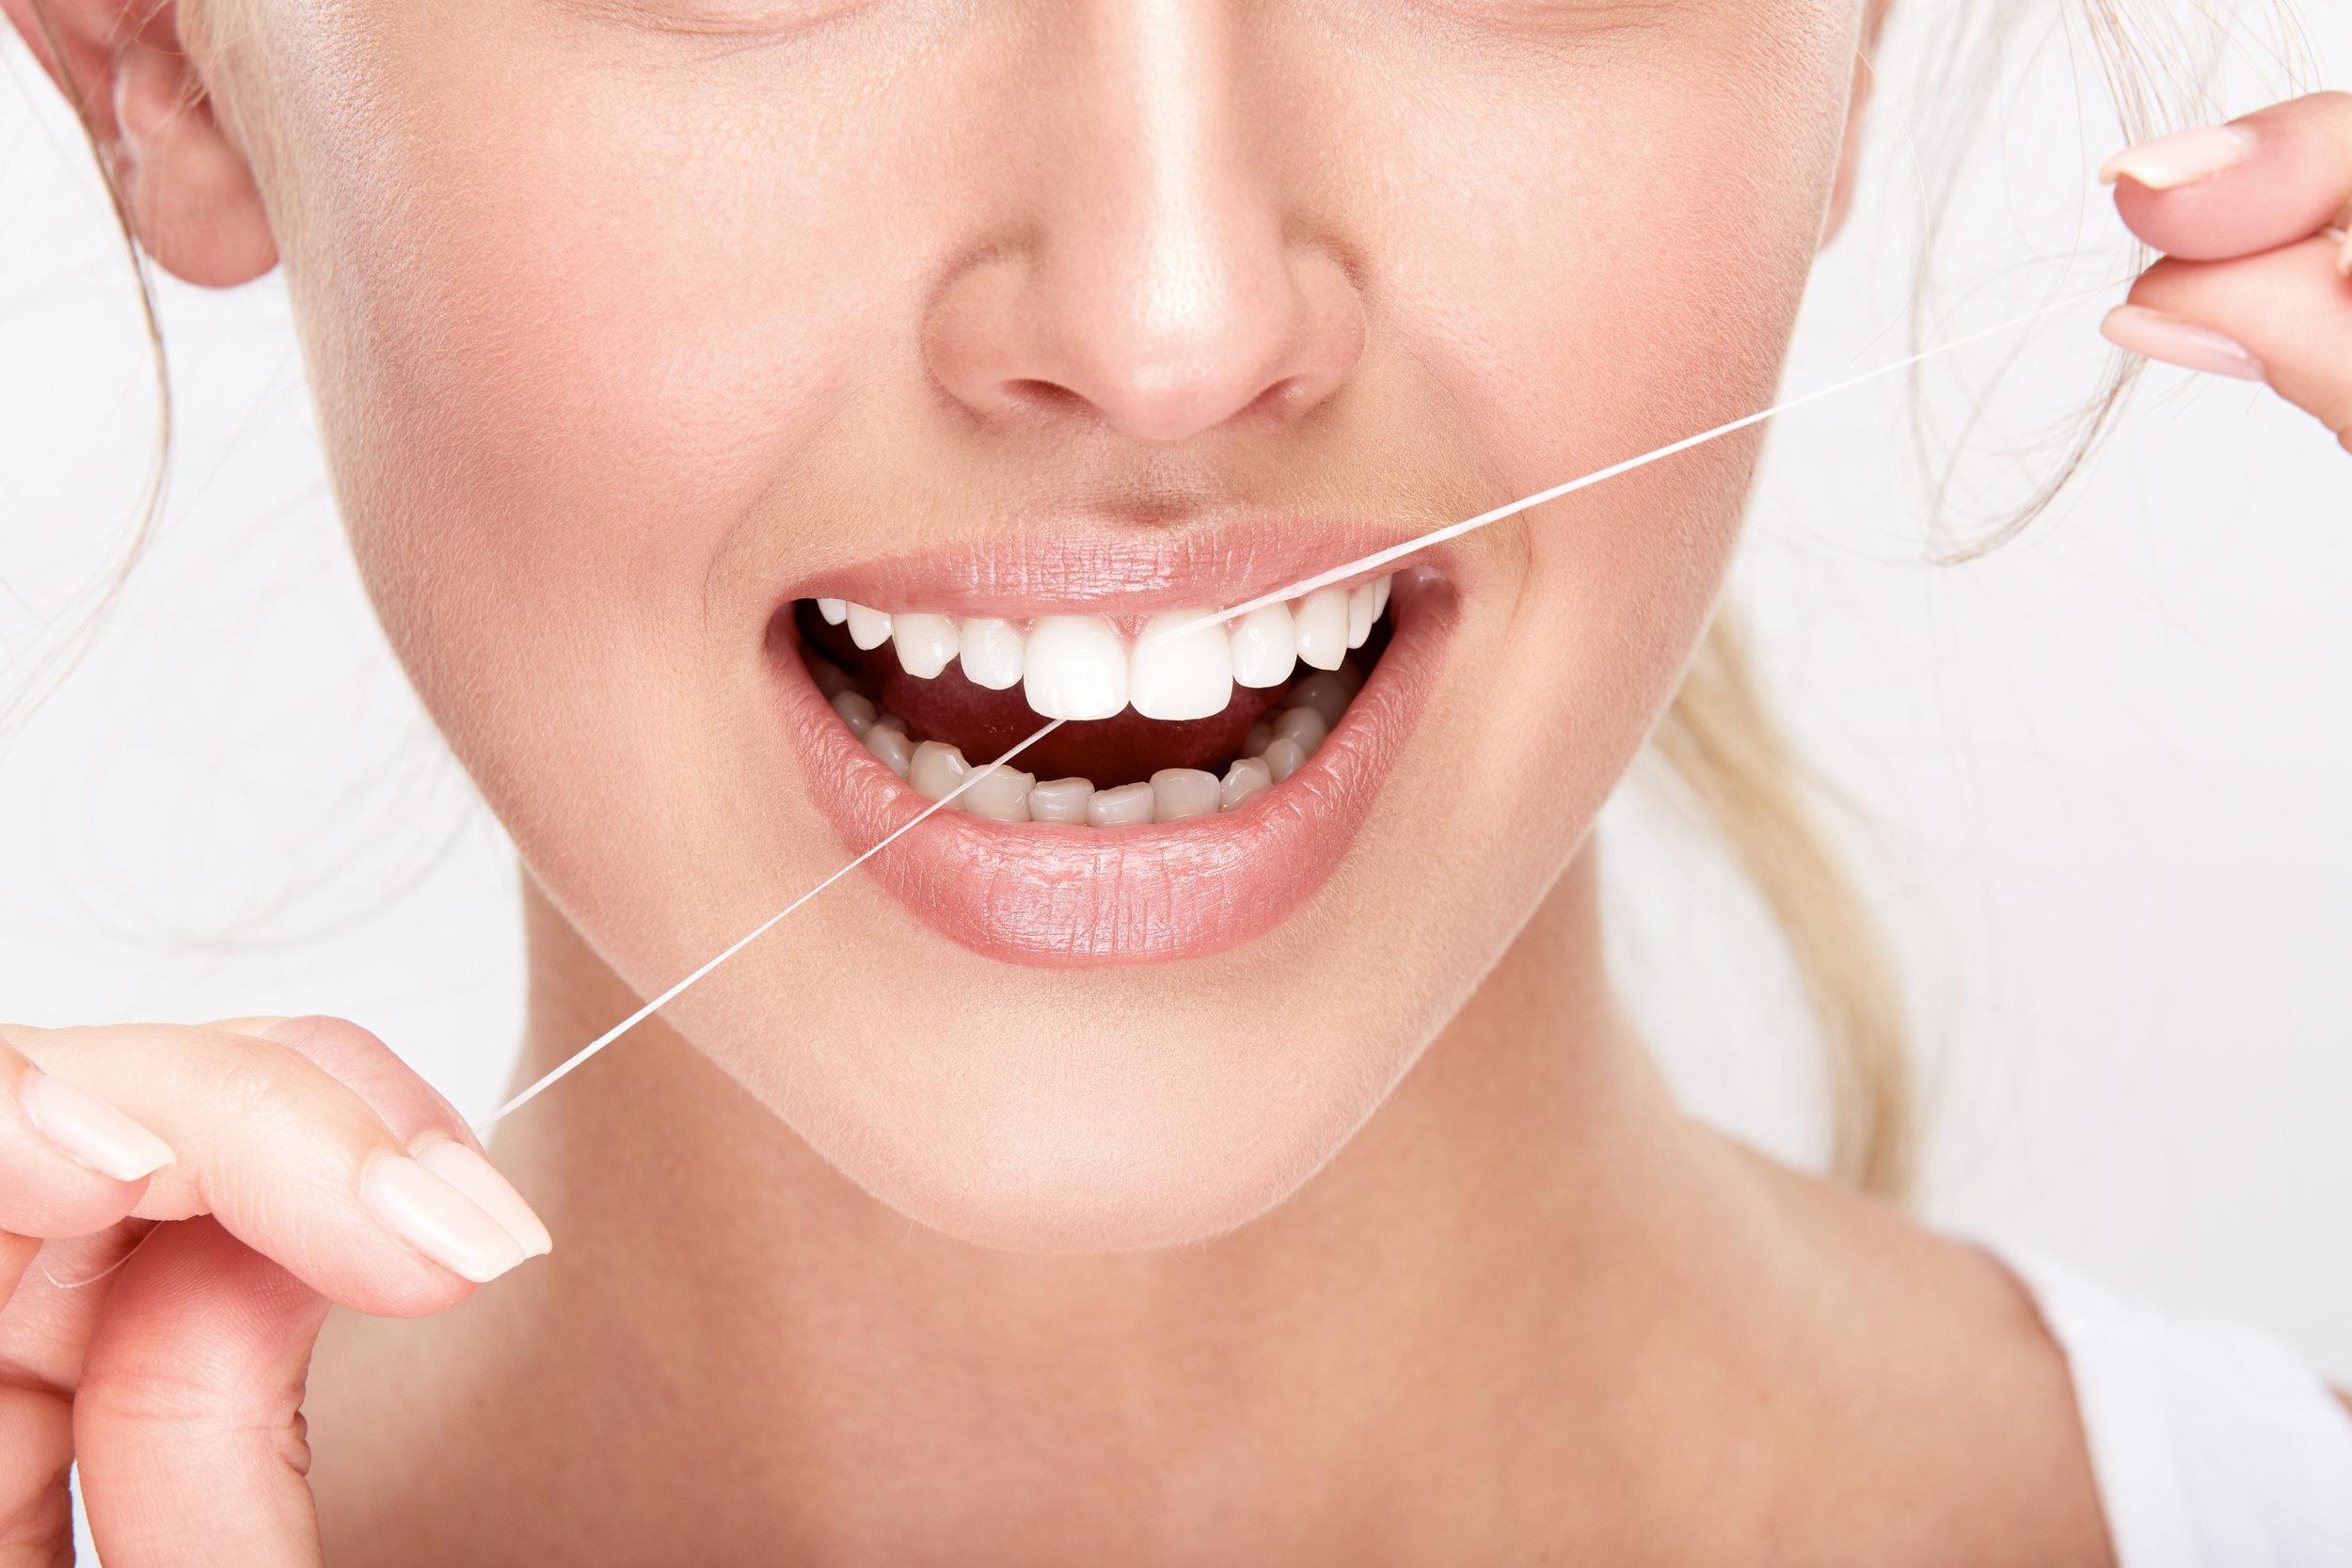 Dantų siūlas, kurį reikia naudoti po burnos higienos, kad dantys būtų sveiki ir gražūs